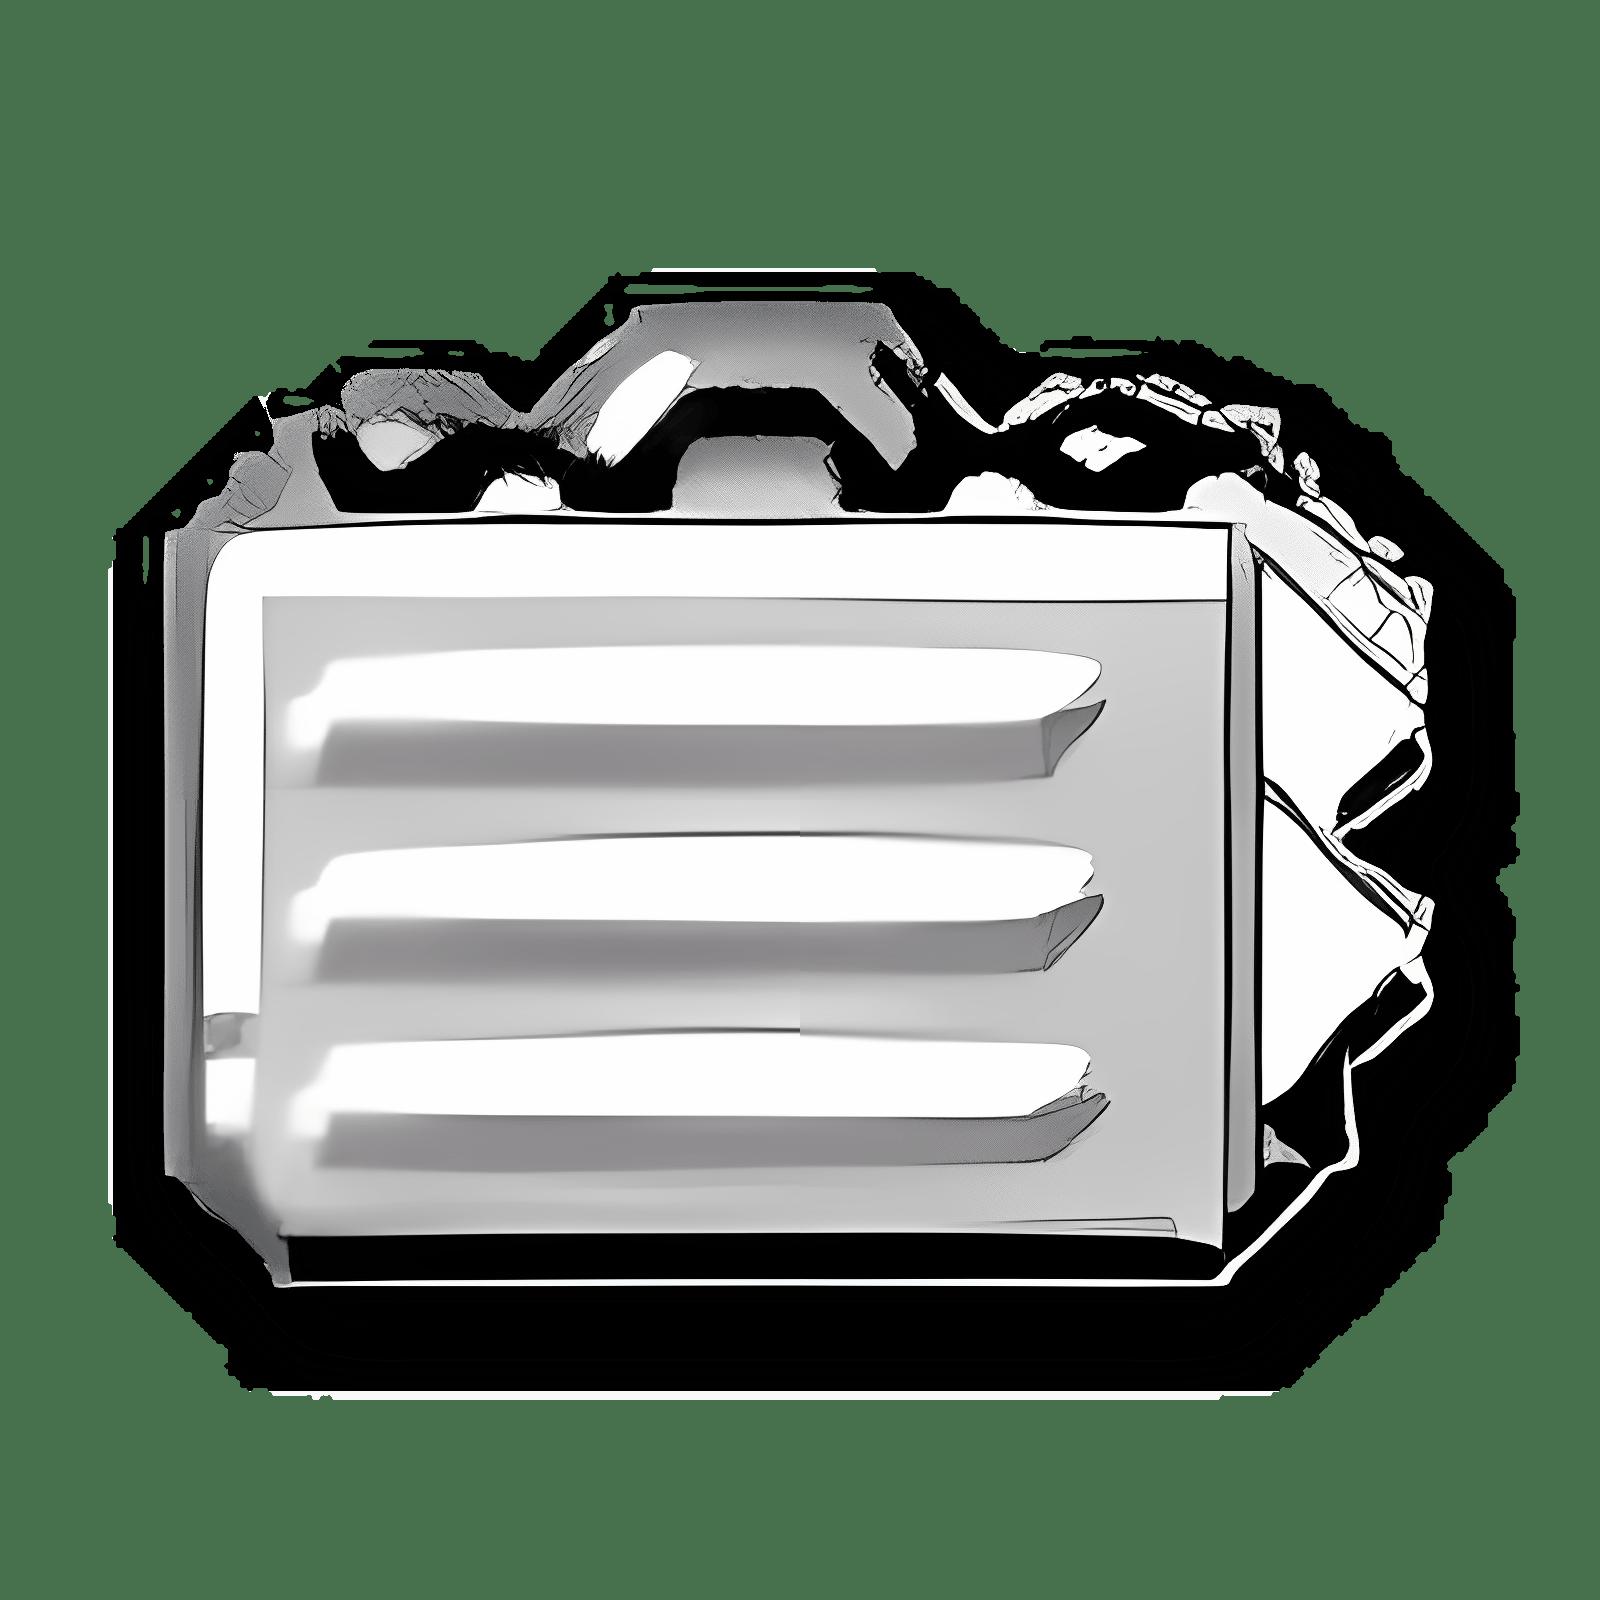 NoteCase 1.9.8